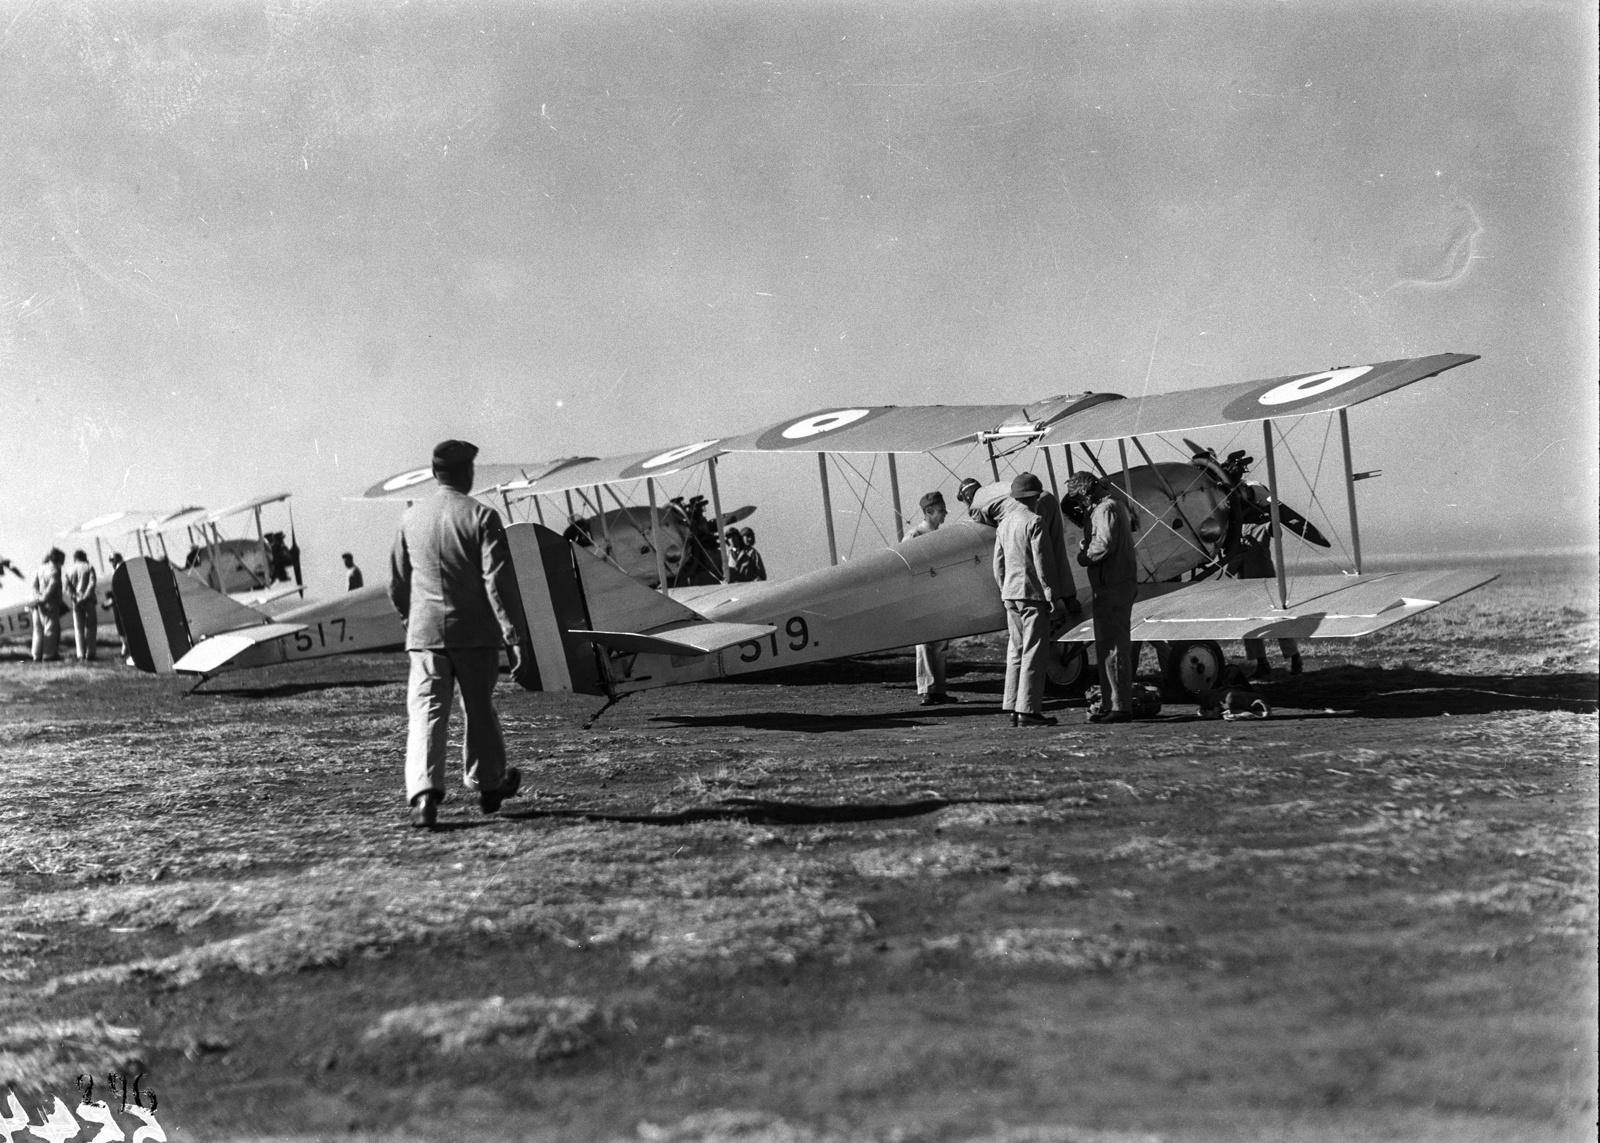 Южно-Африканский Союз. Претория.  Участники экспедиции на аэродроме Претория садятся в самолет